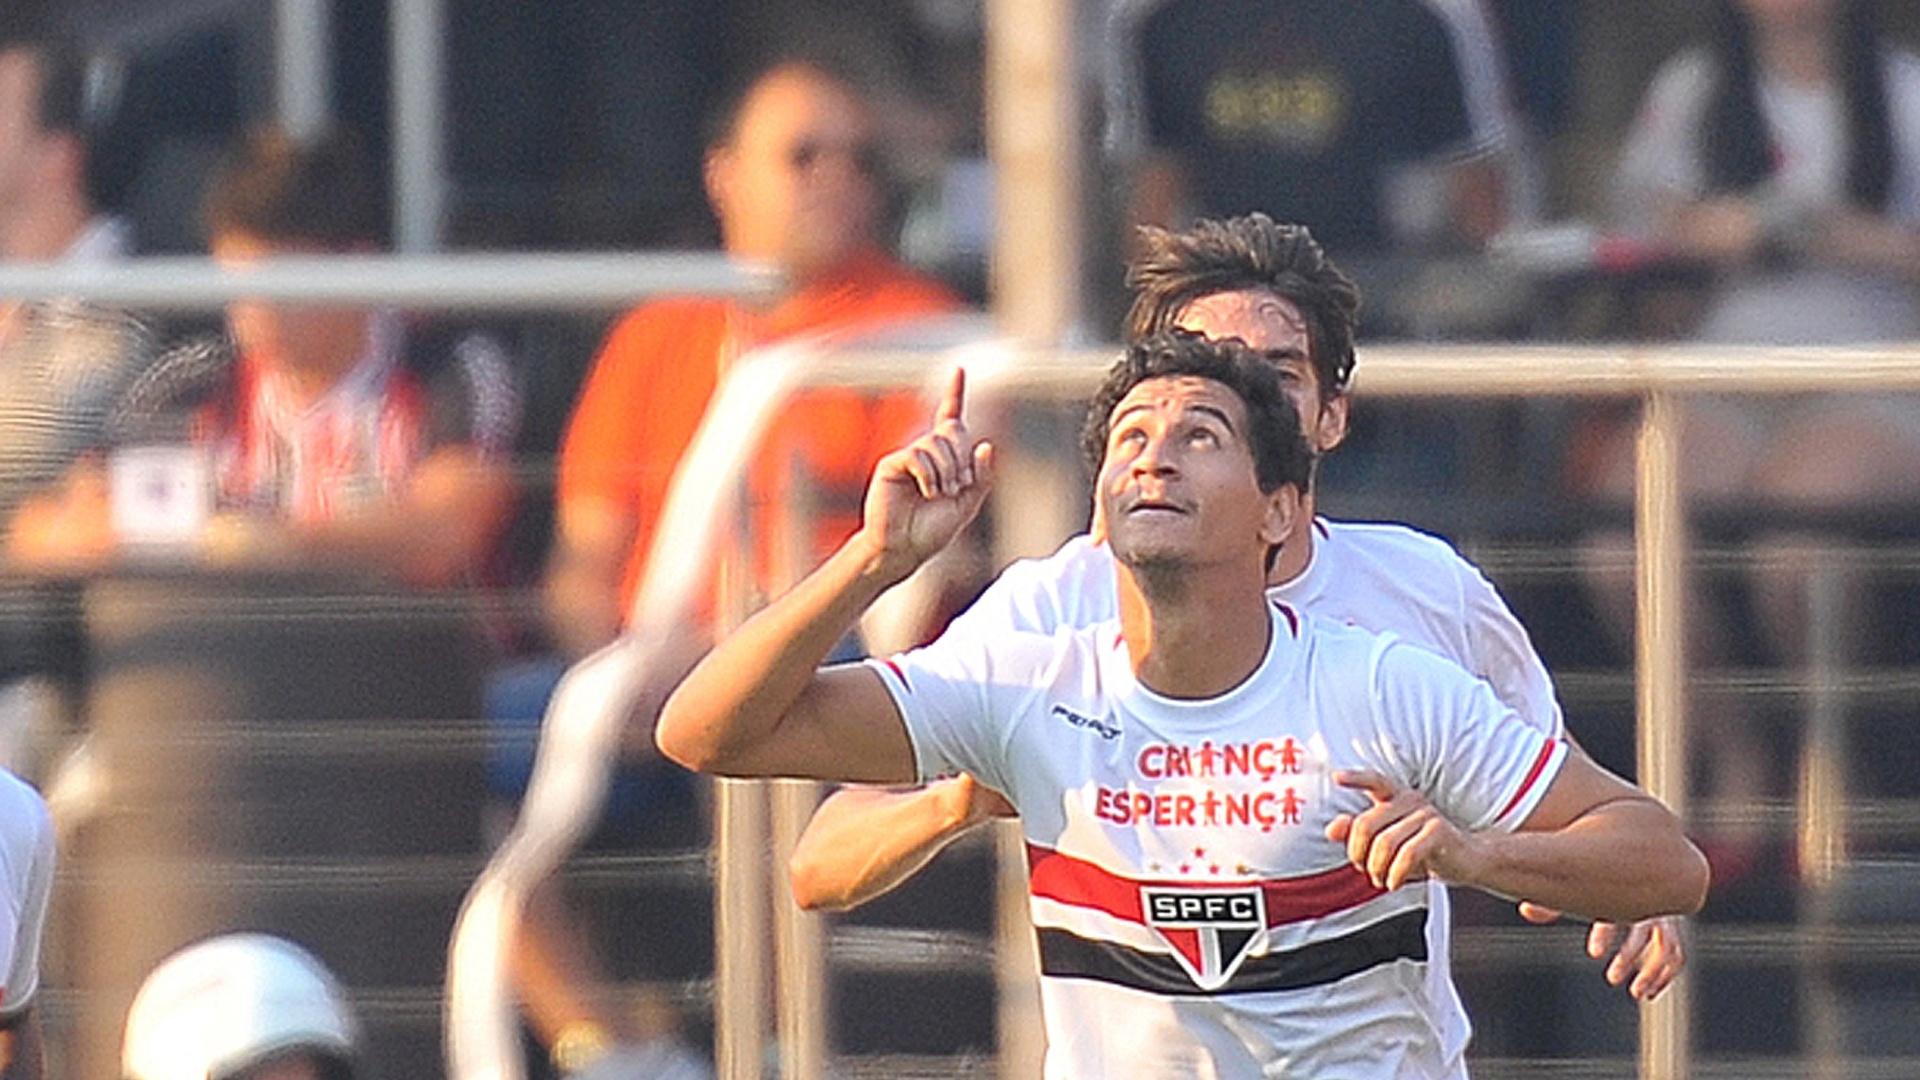 Ganso celebra lindo gol marcado no clássico contra o Santos, no Morumbi